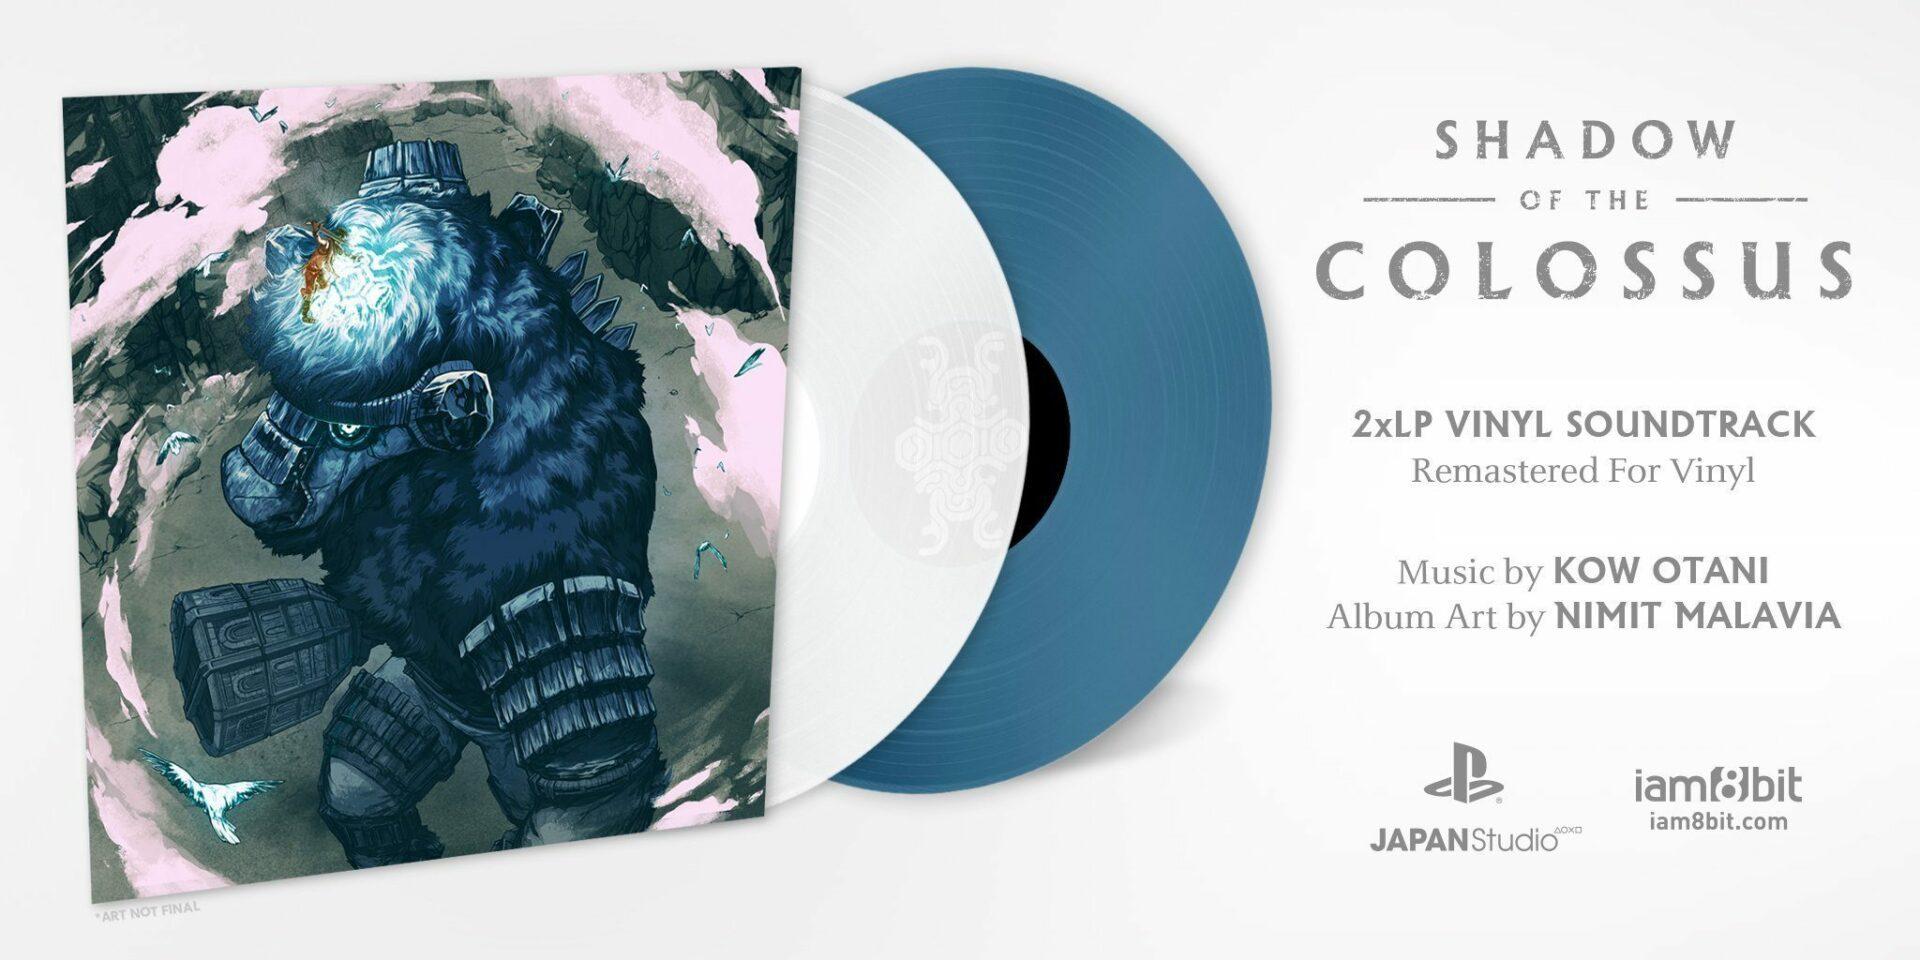 01-Shadow of the Colossus -vinyl_223cd5c8-ff60-49b1-a136-e6978eb7b067